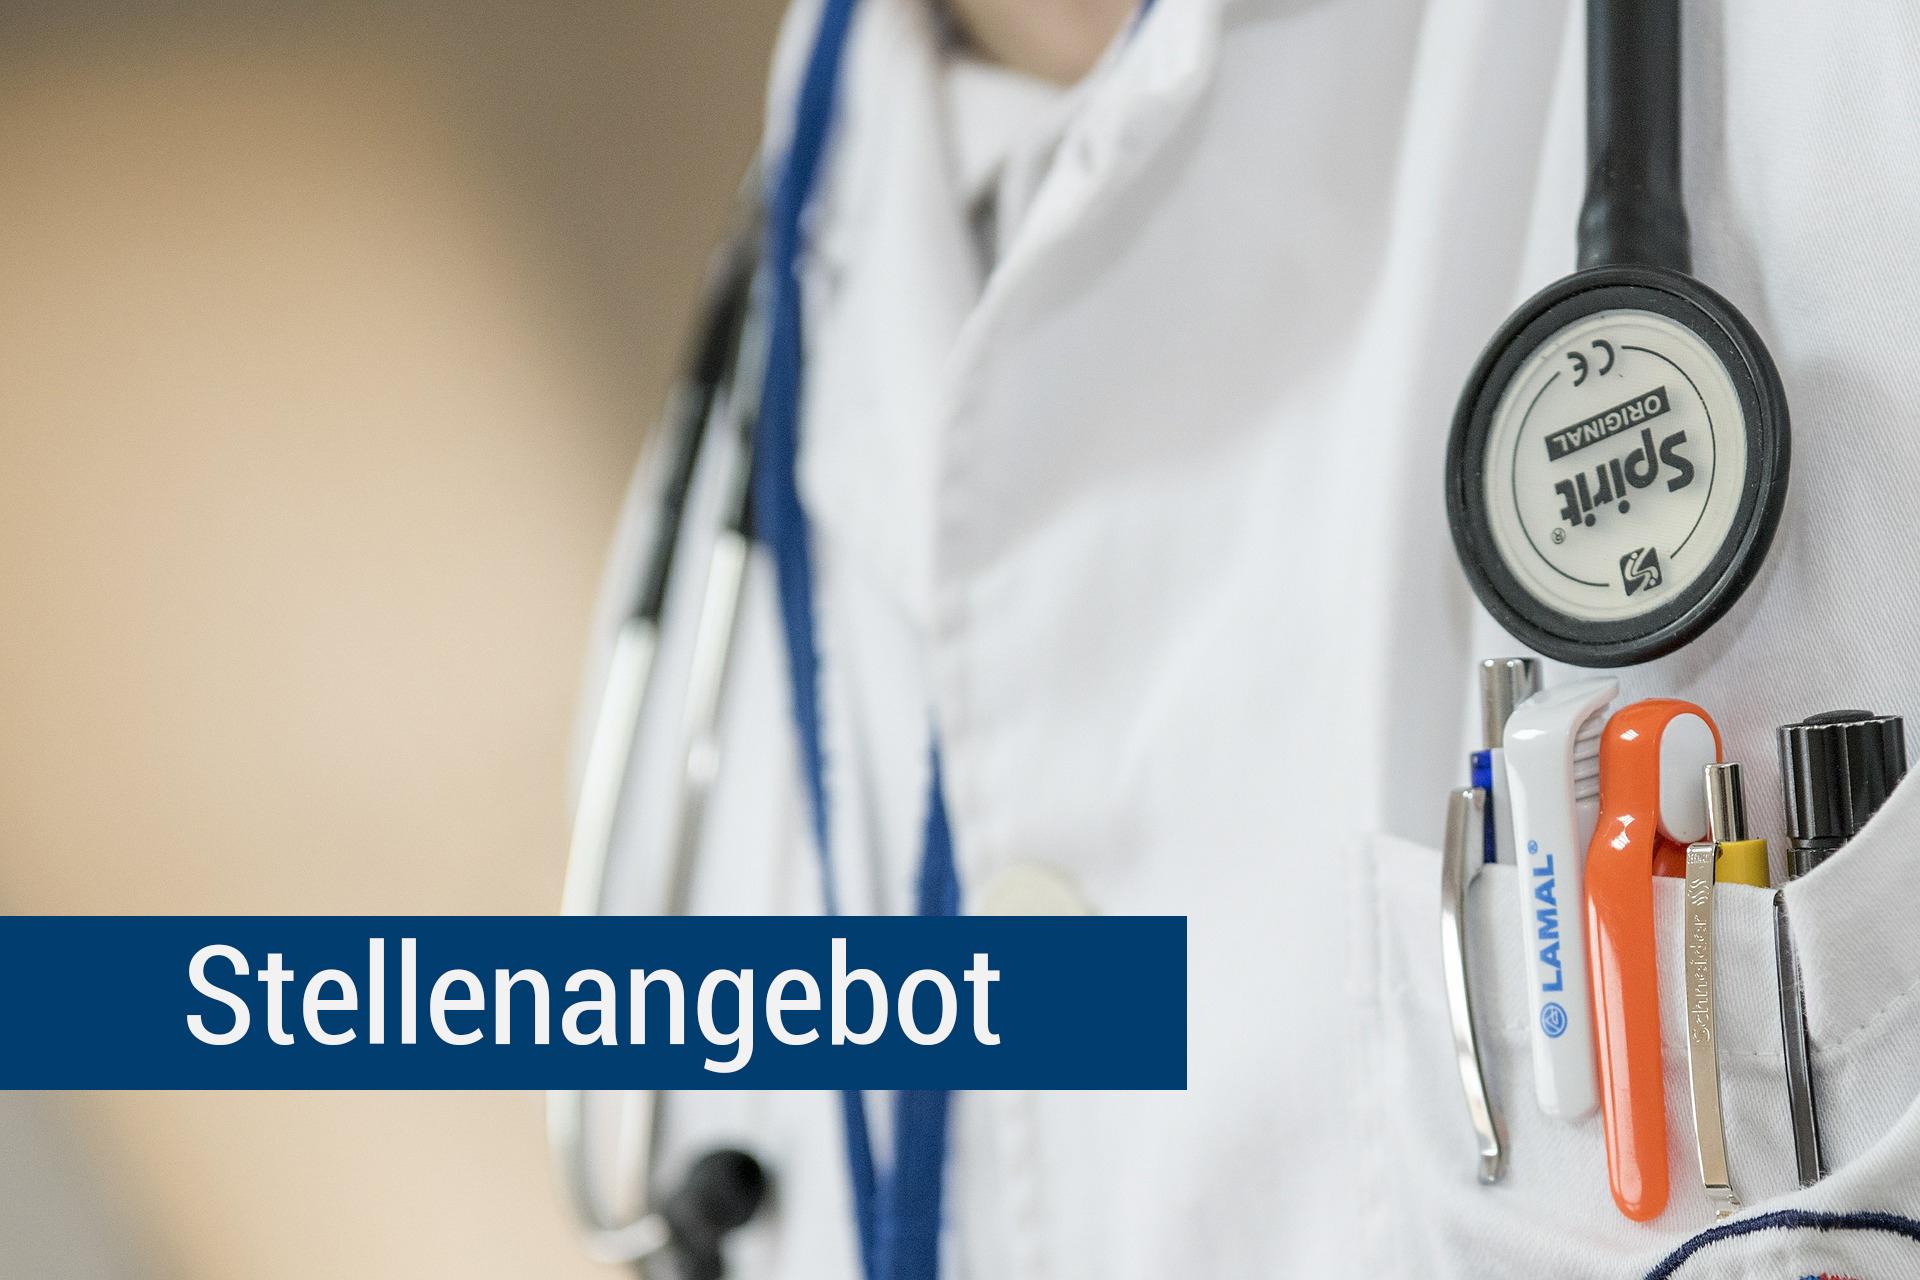 Stellenangebot Arzt / Ärztin in Limburg, Bad Camberg, Niederbrechen